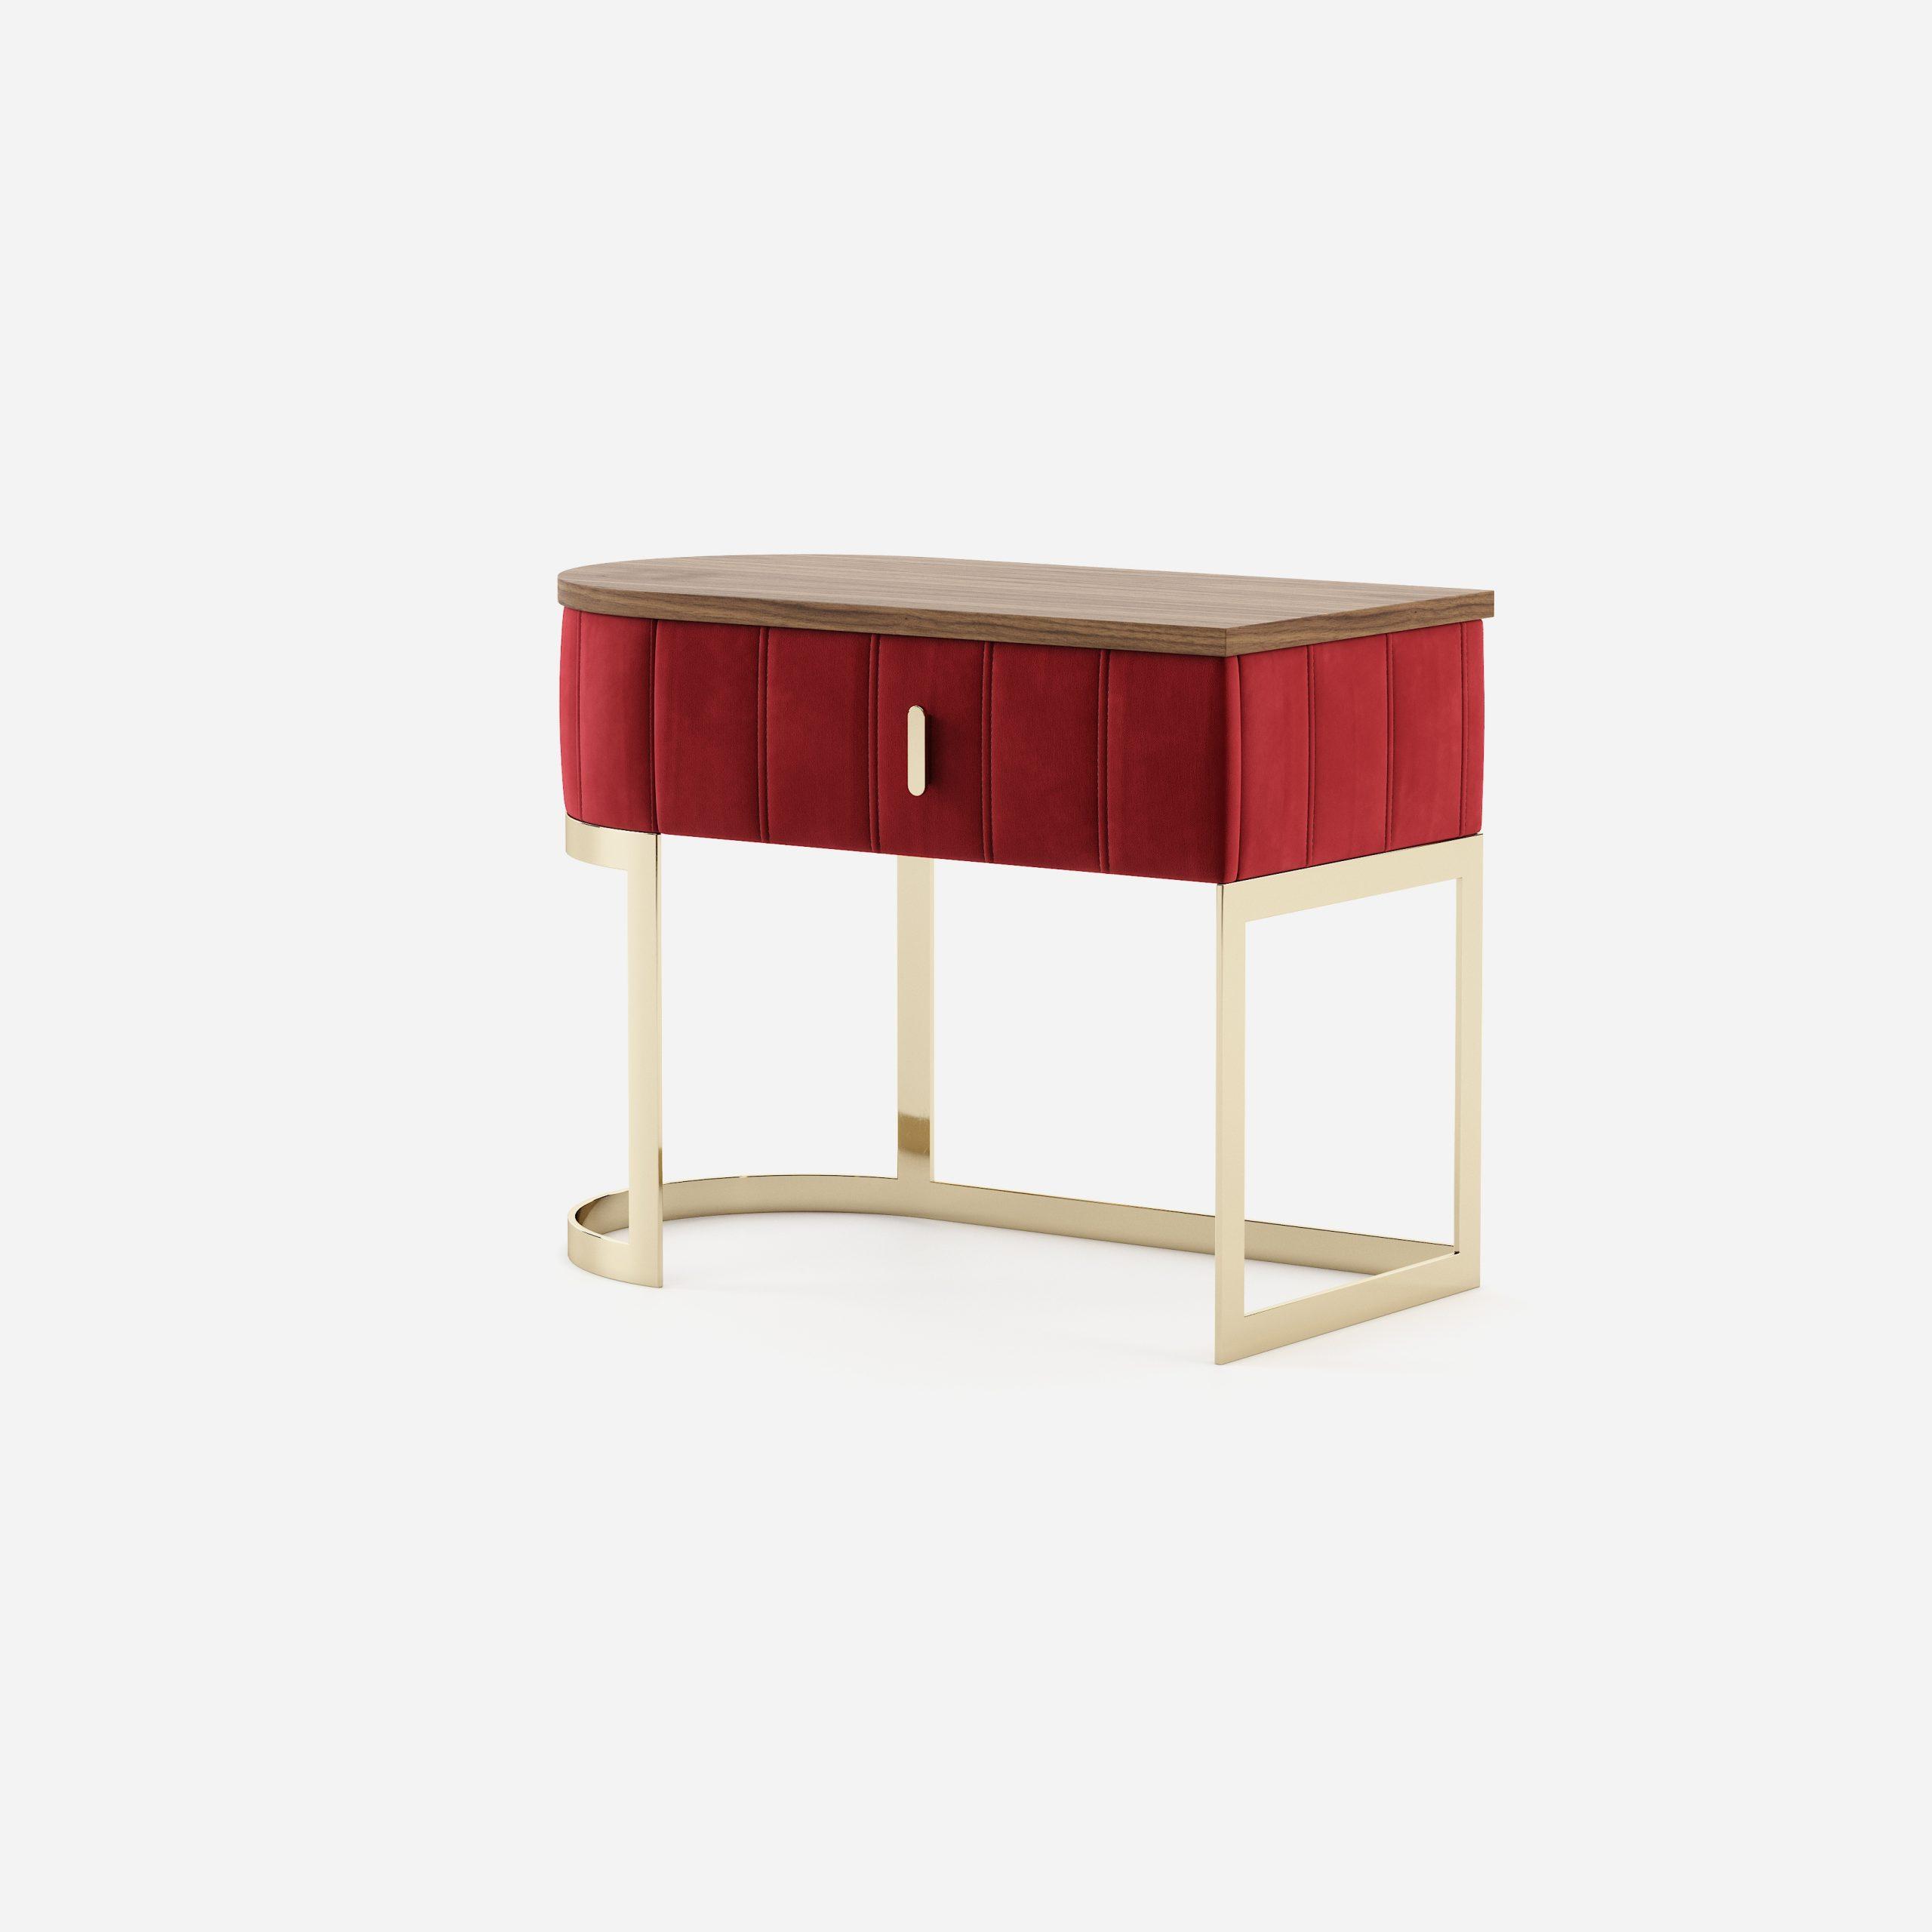 Modernūs miegamojo baldai spintelė Scarlet